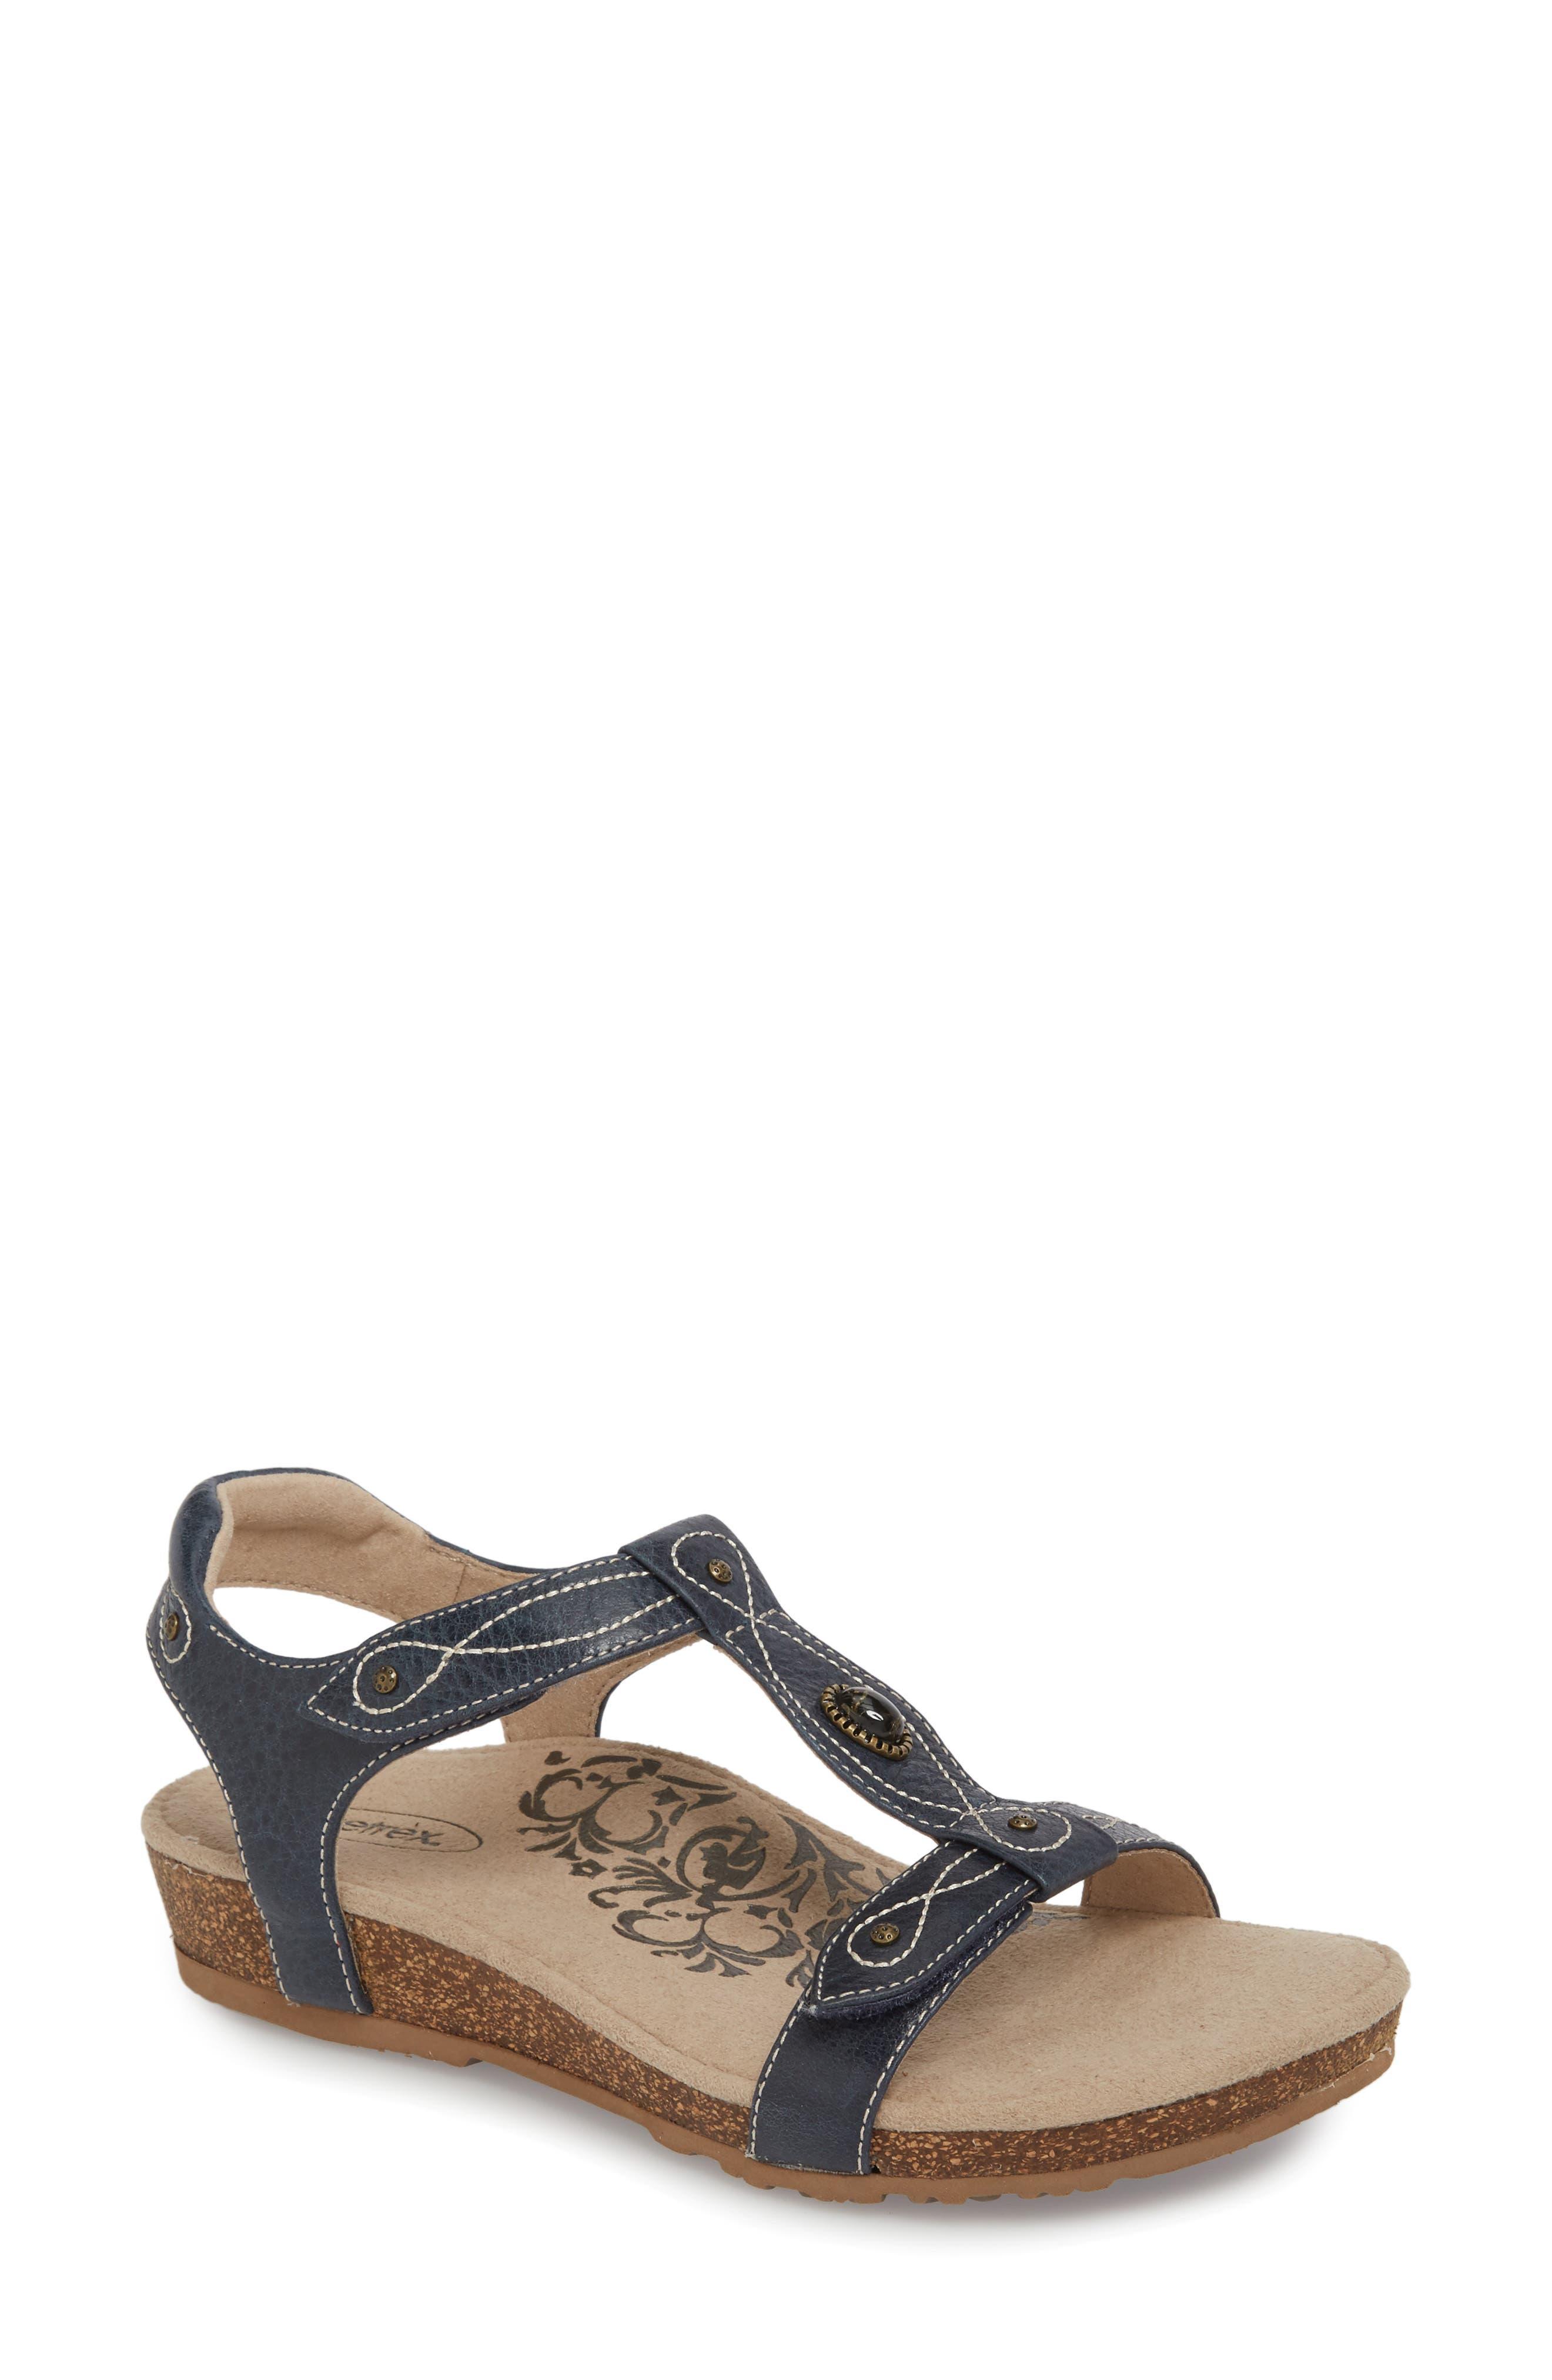 'Lori' Sandal,                             Main thumbnail 1, color,                             Navy Leather